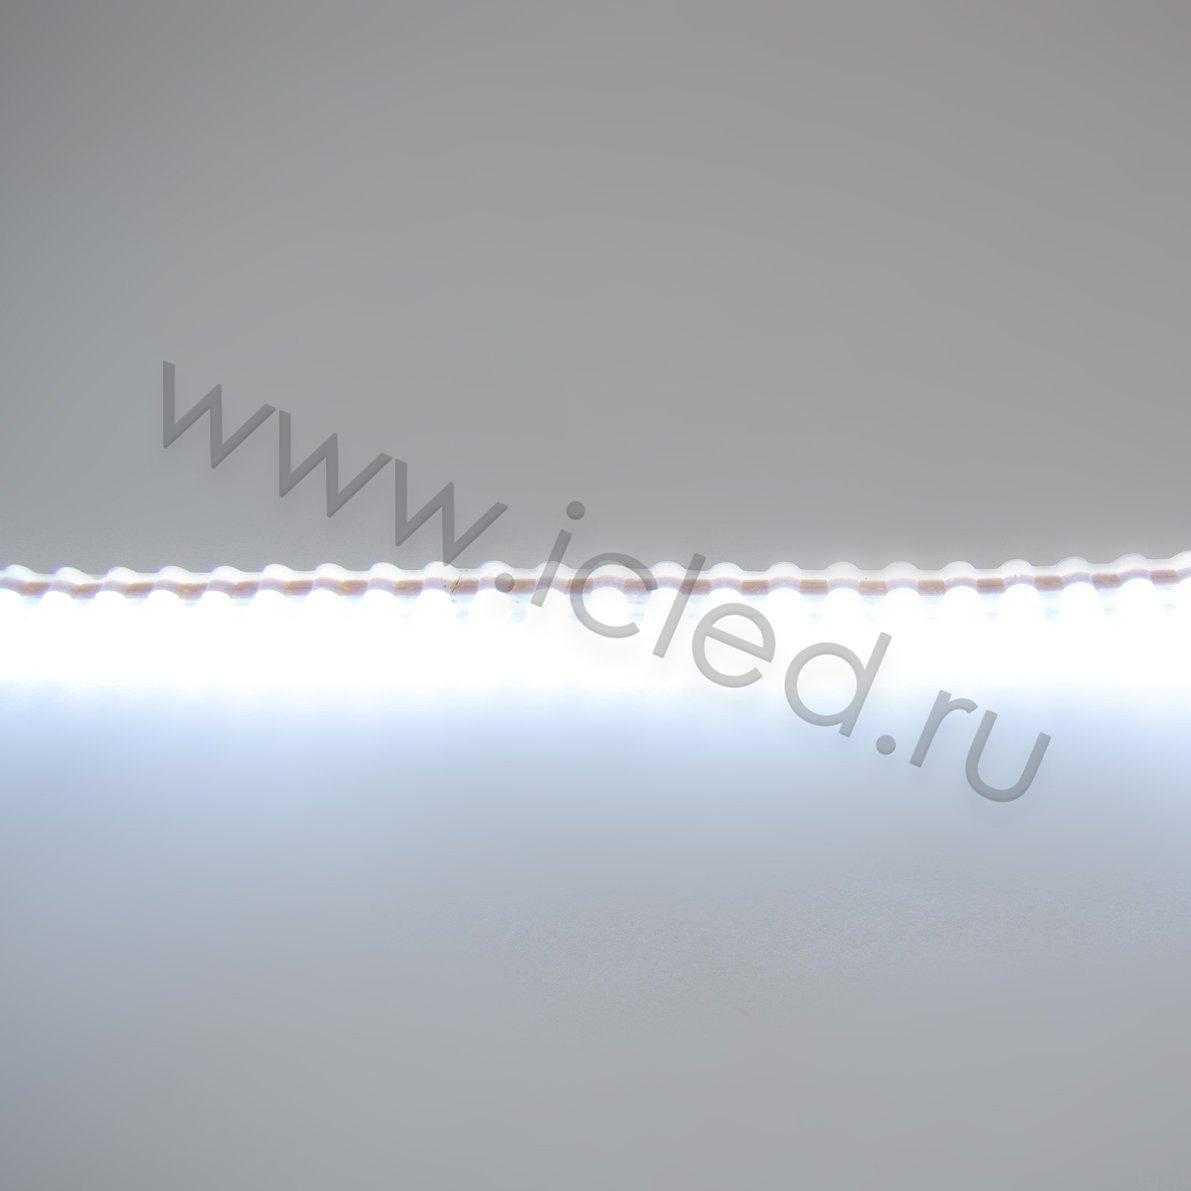 Светодиодная лента PVC Class B, 96led/m, White, 12V, IP65.